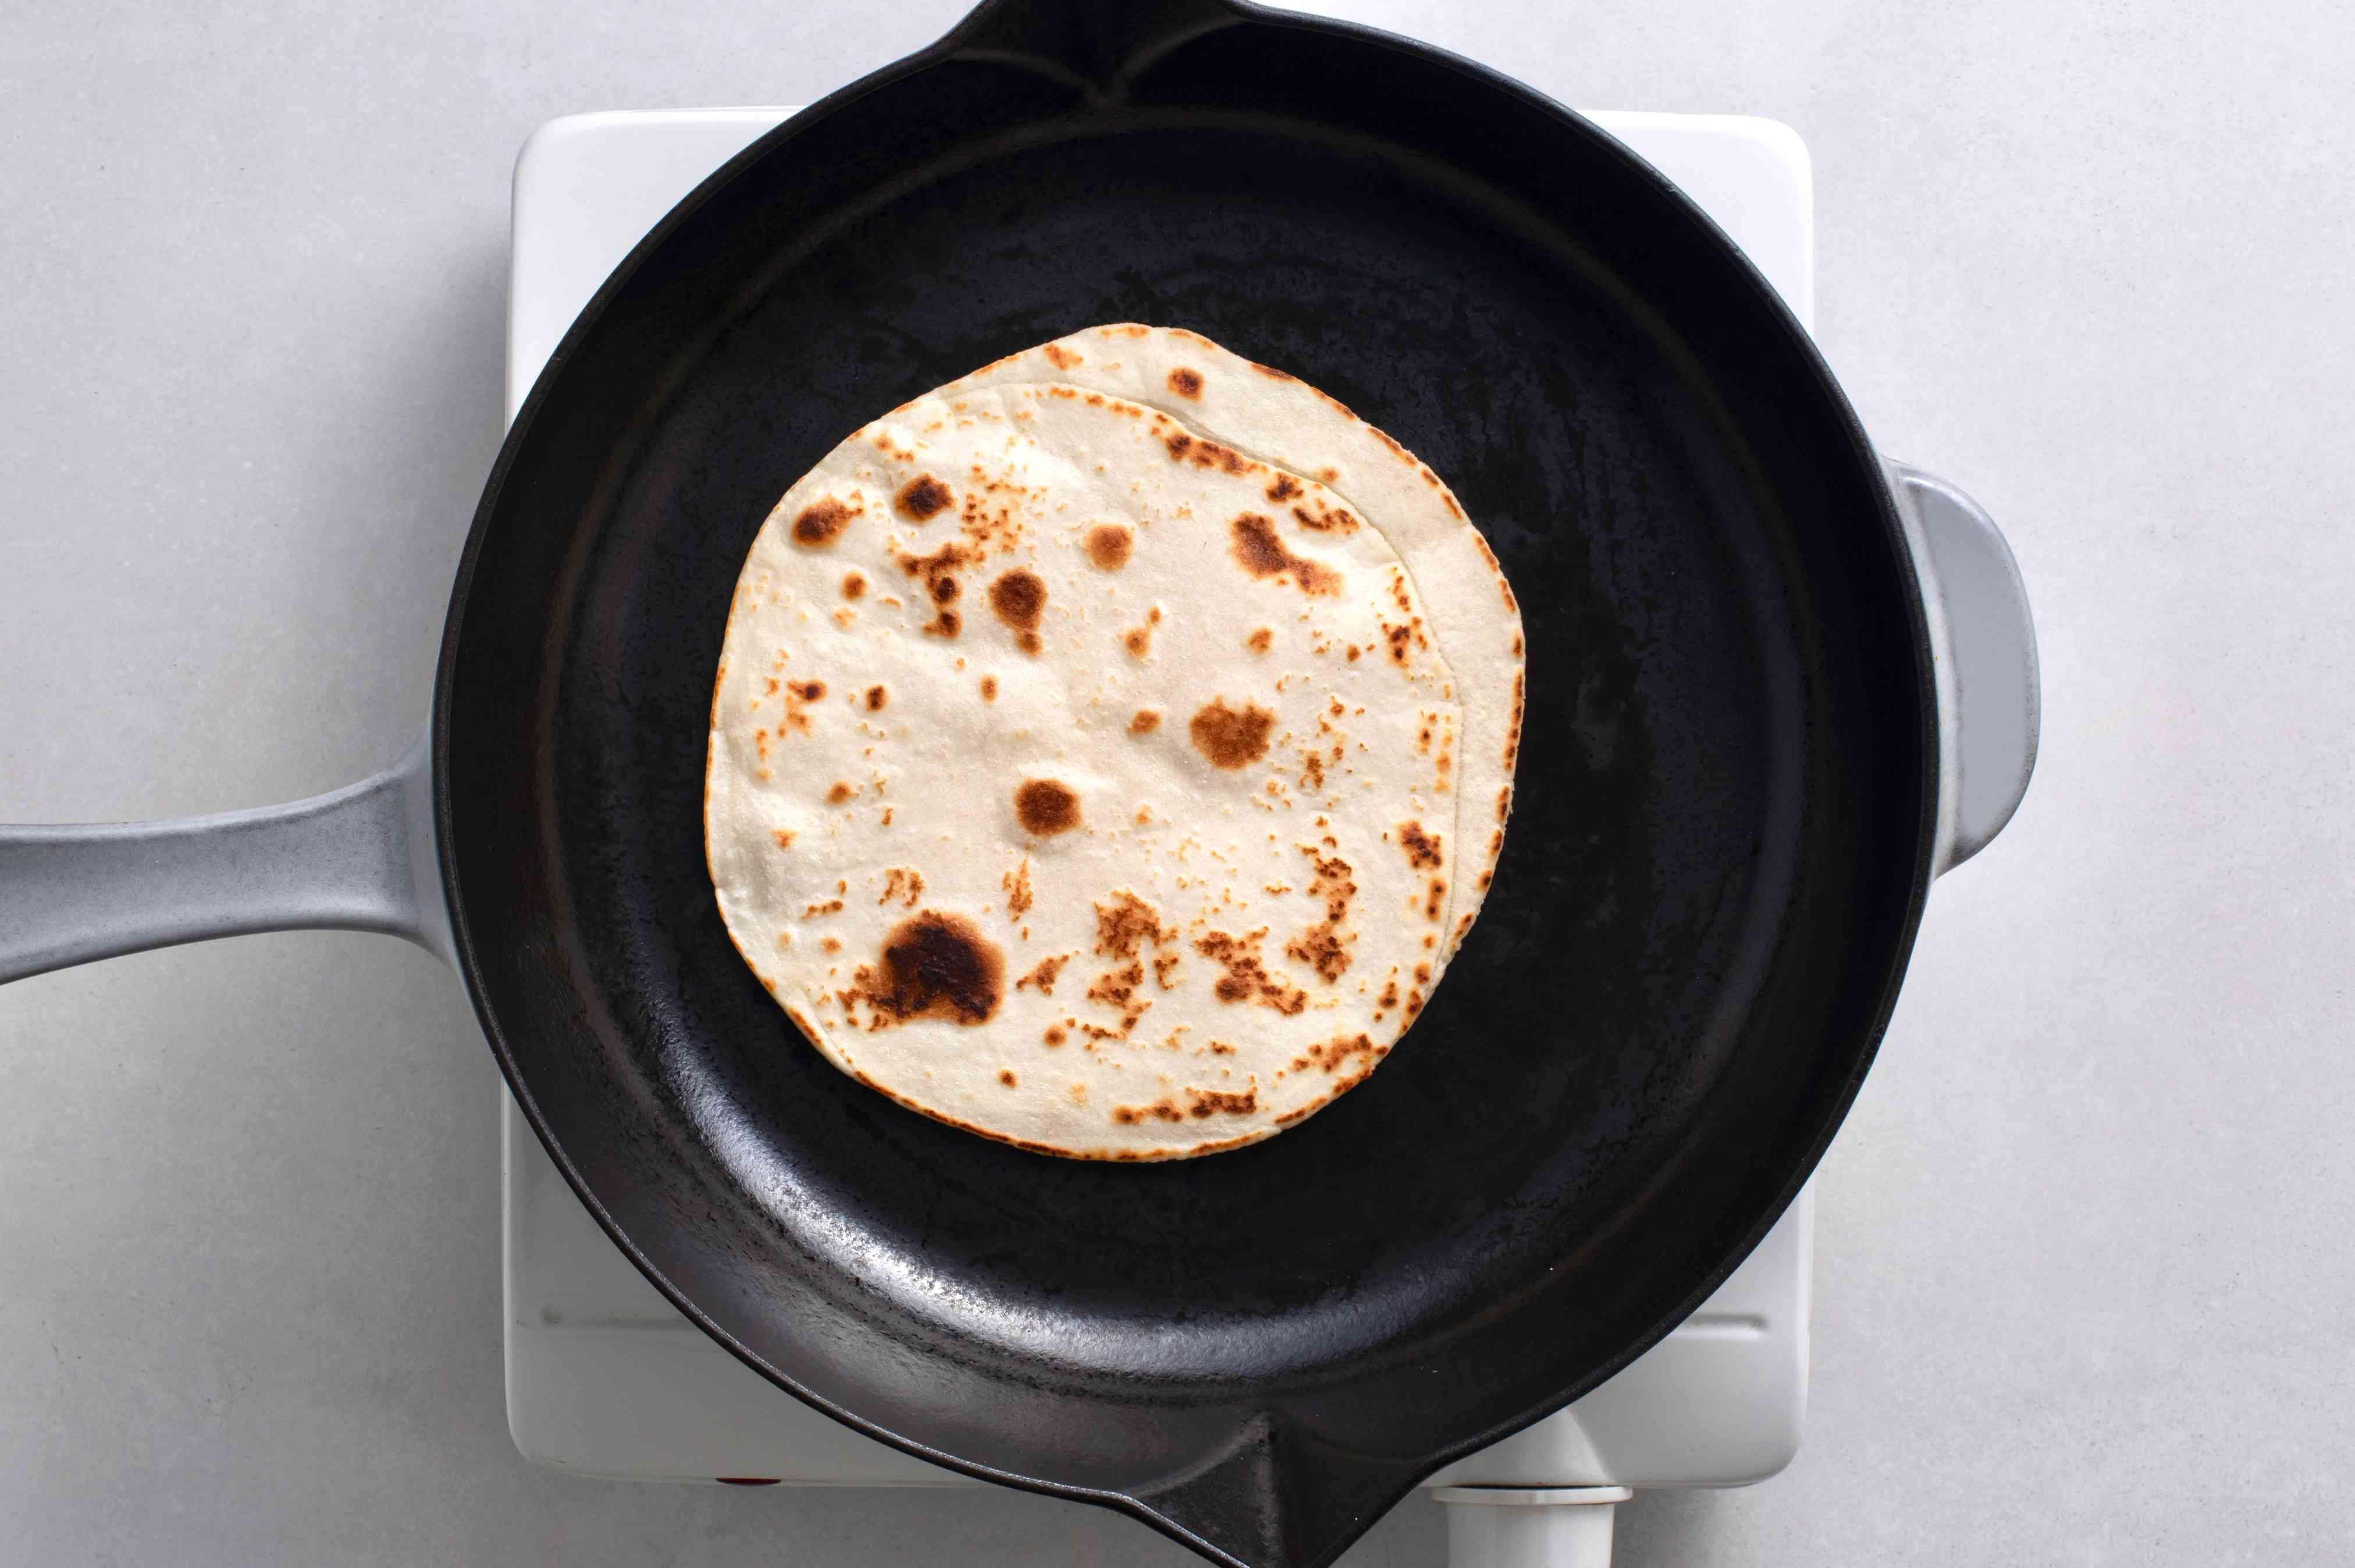 dough frying in a pan